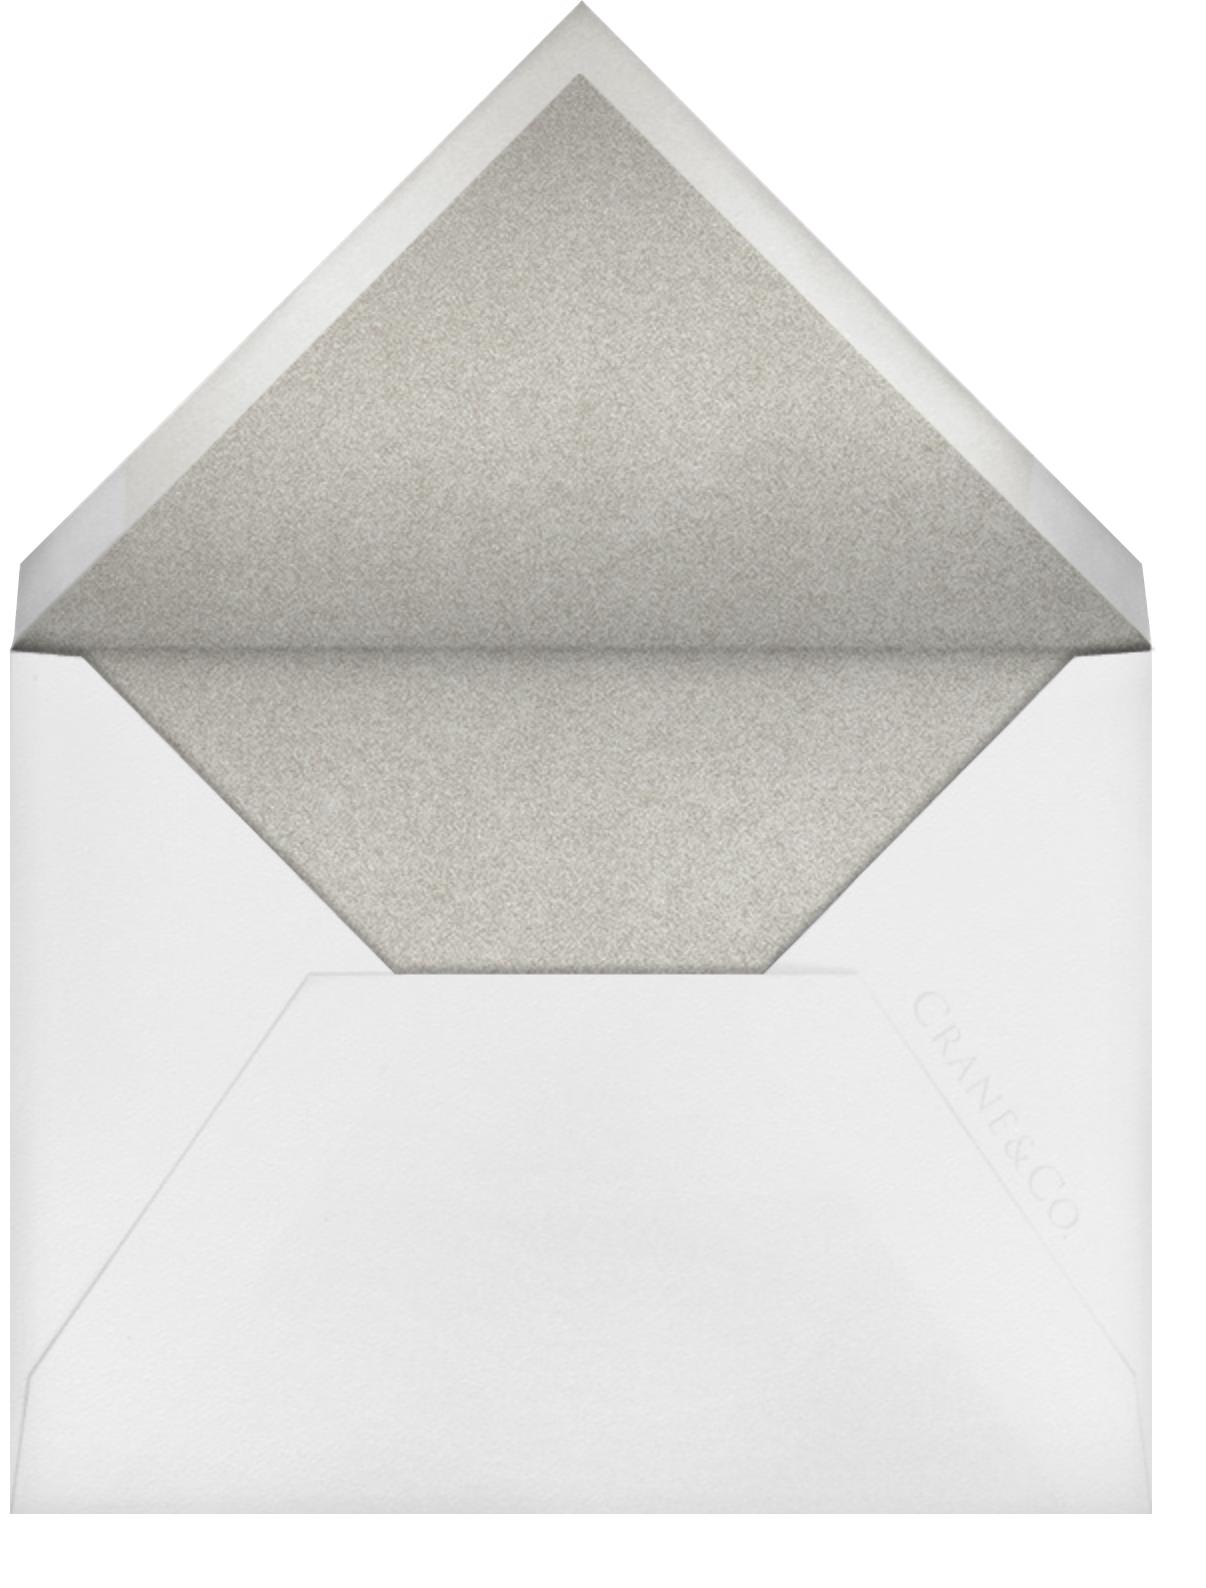 Moiré I - Platinum - Kelly Wearstler - null - envelope back